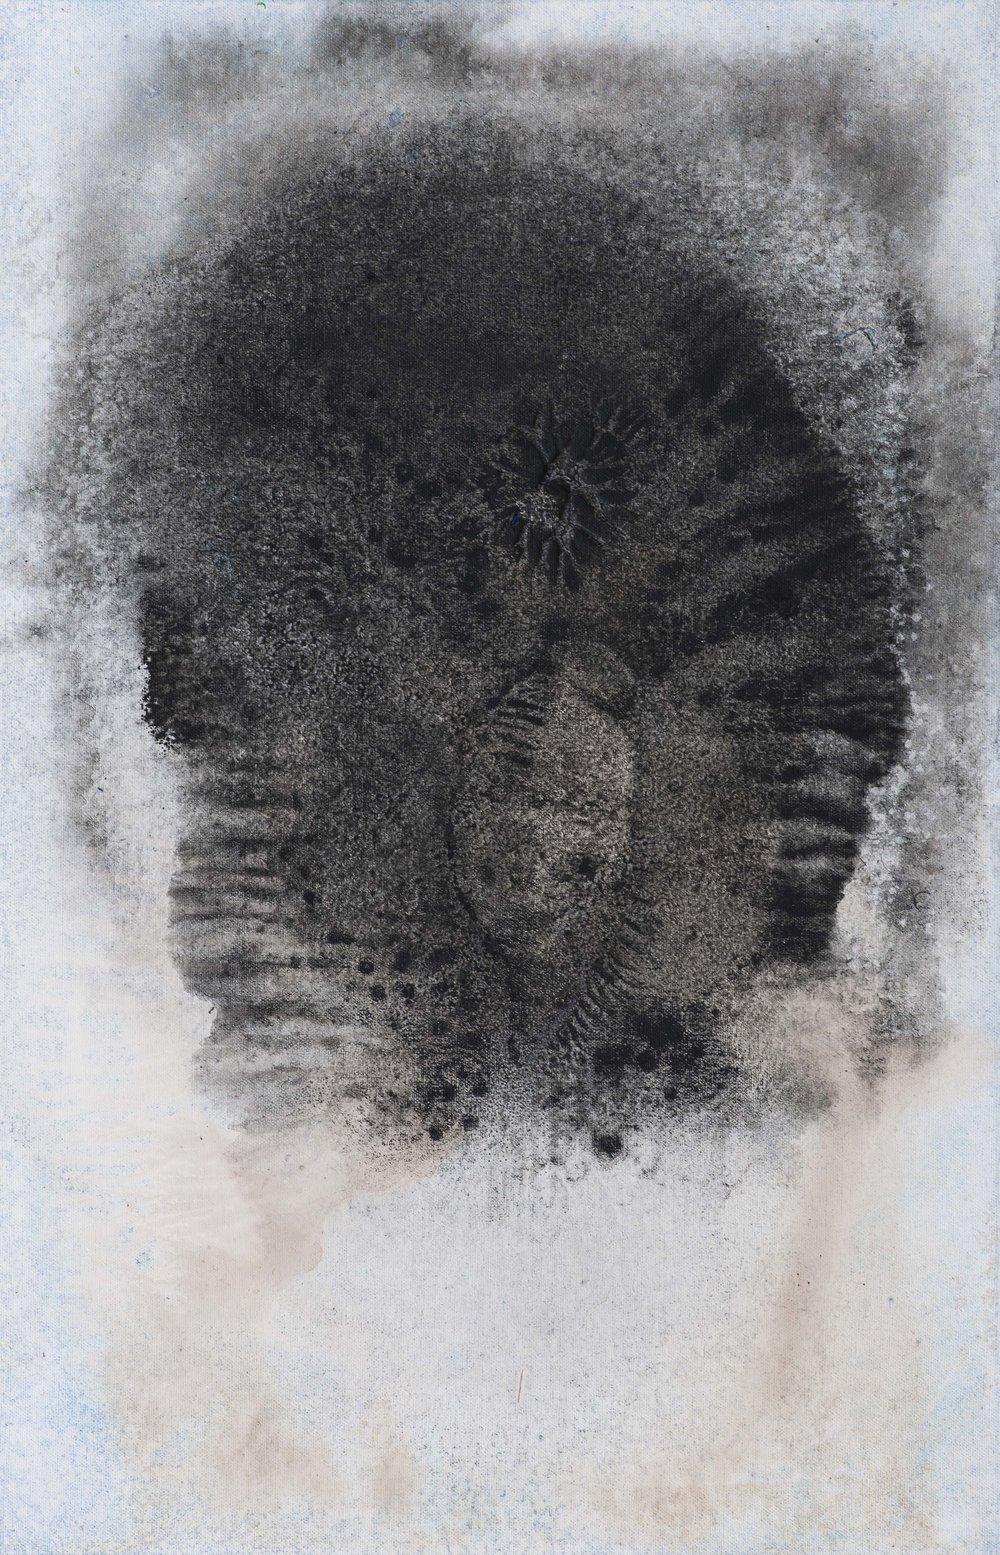 Náčelník, 2015, kombinovaná technika na plátně, 70×45 cm